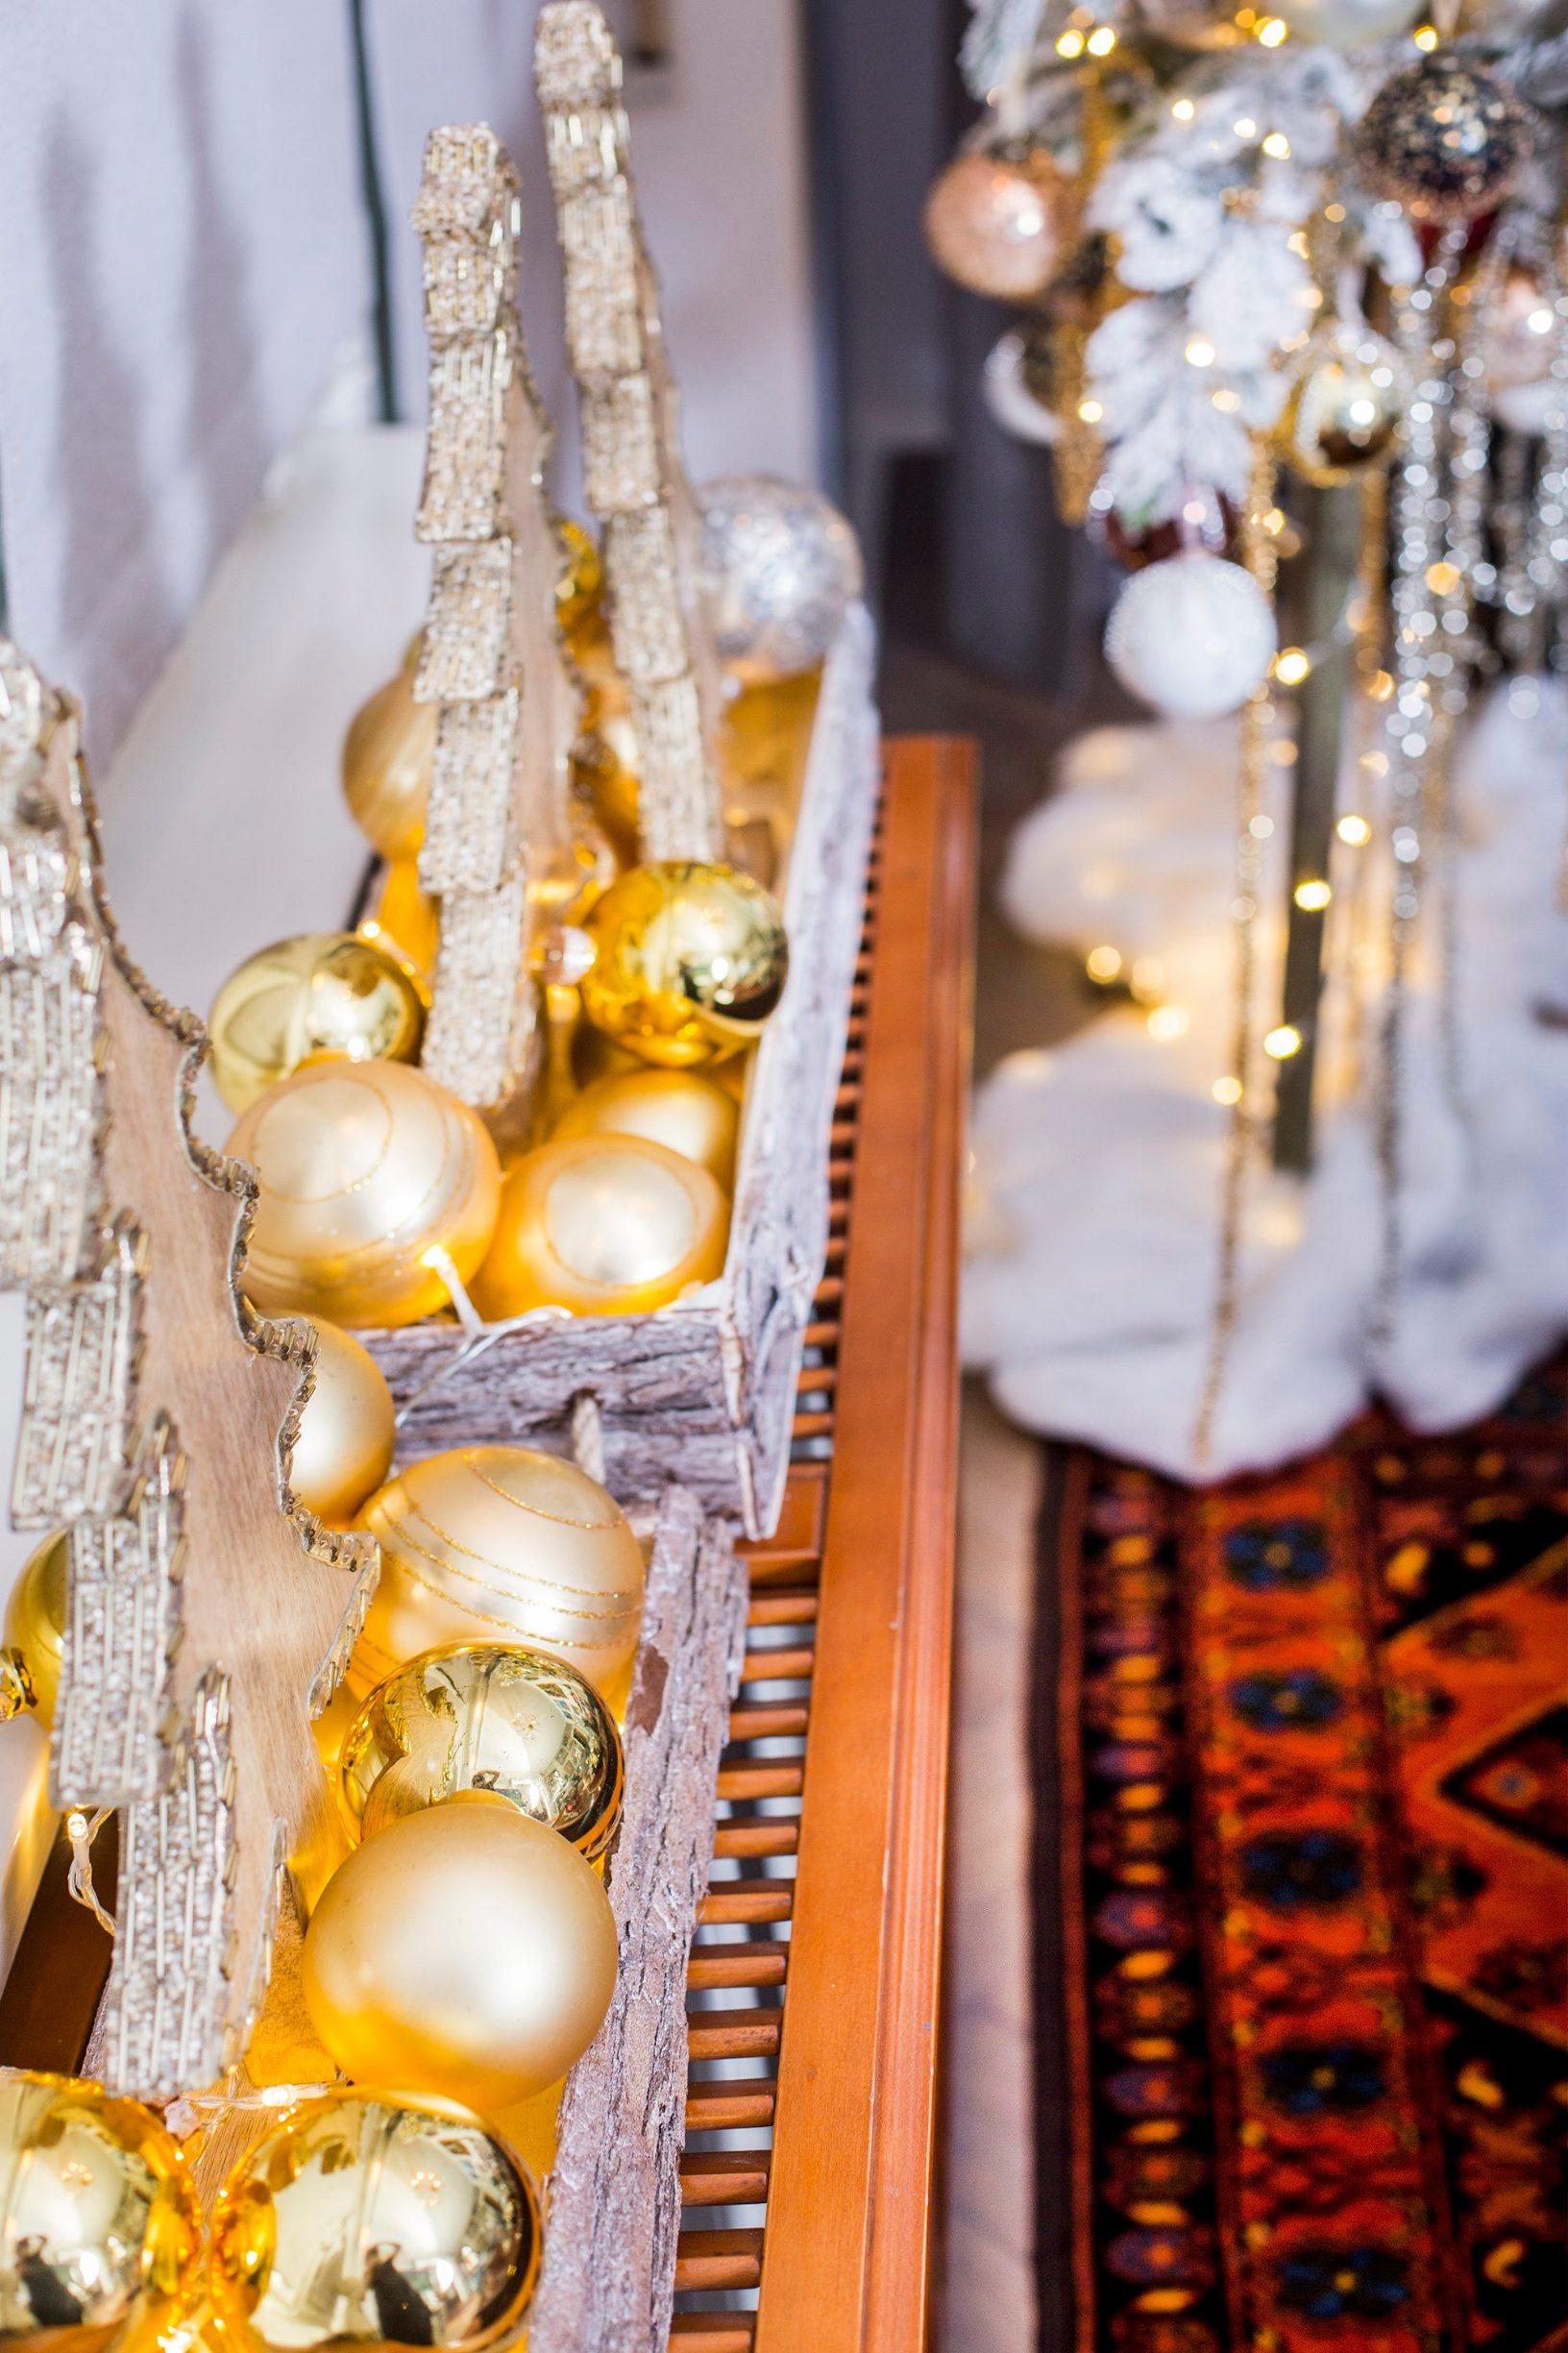 Zagreb, 261119. Bozicno uredjen i dekoriran stan dizajnerice Snjeske Kozulj. Snjeska inace uredjuje i dekorira interijere i promotorica je vrtnog centra MBM-a. Foto: Berislava Picek/ CROPIX